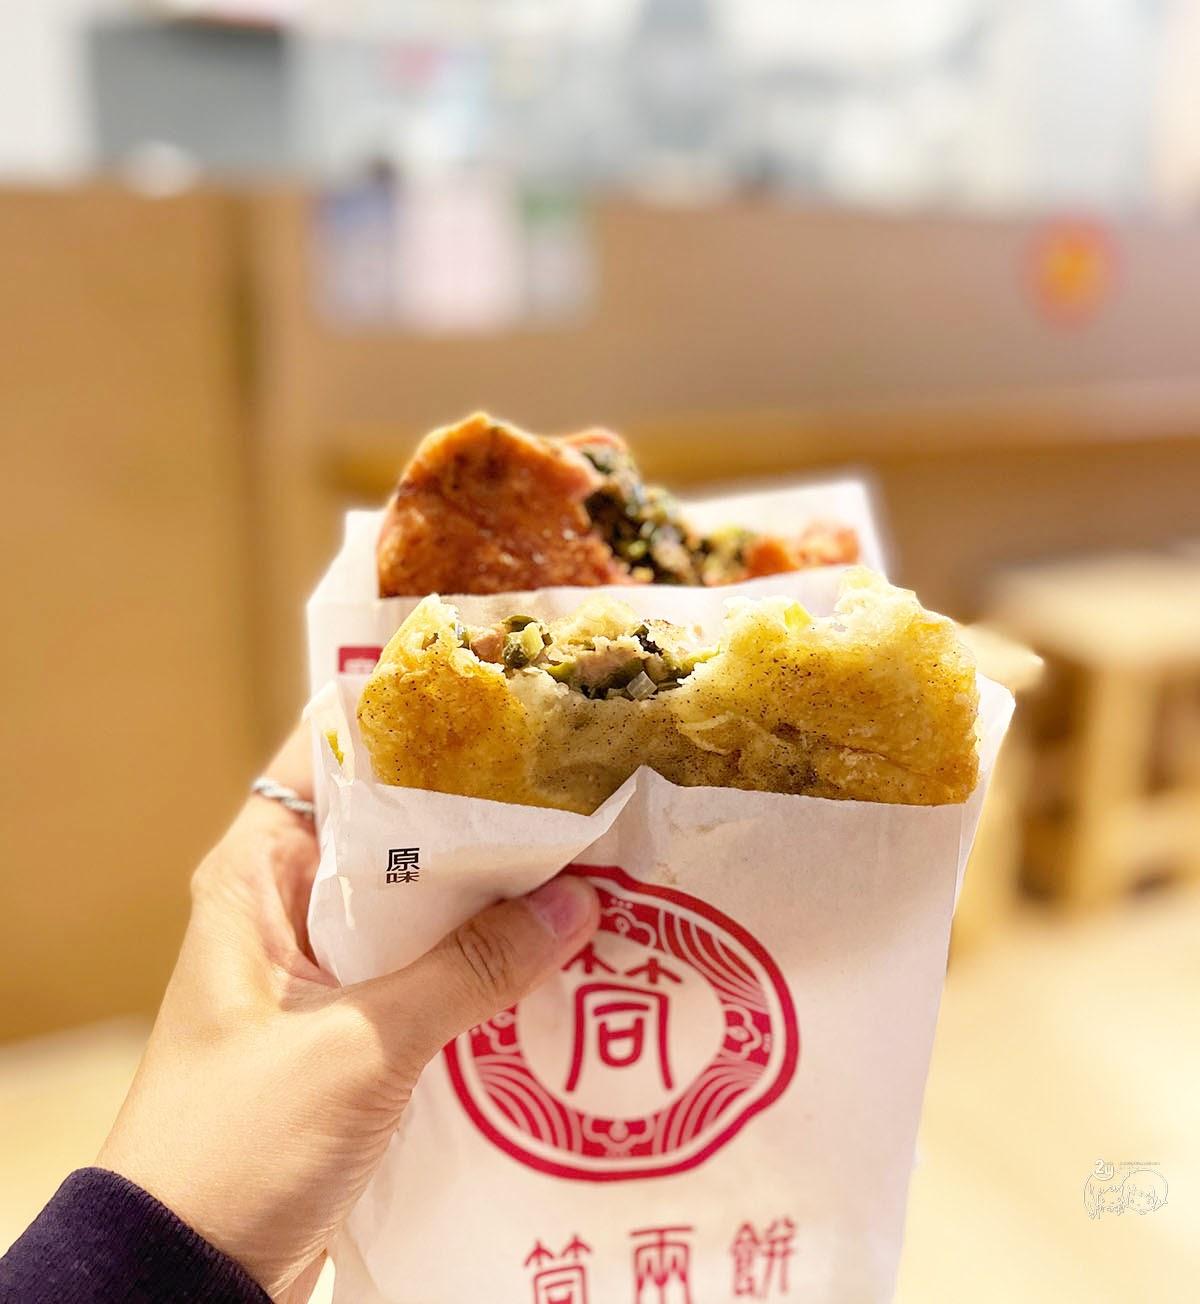 台南美食中西區一筒兩餅創意蔥肉餅|國華街銅板美食|古早味小吃